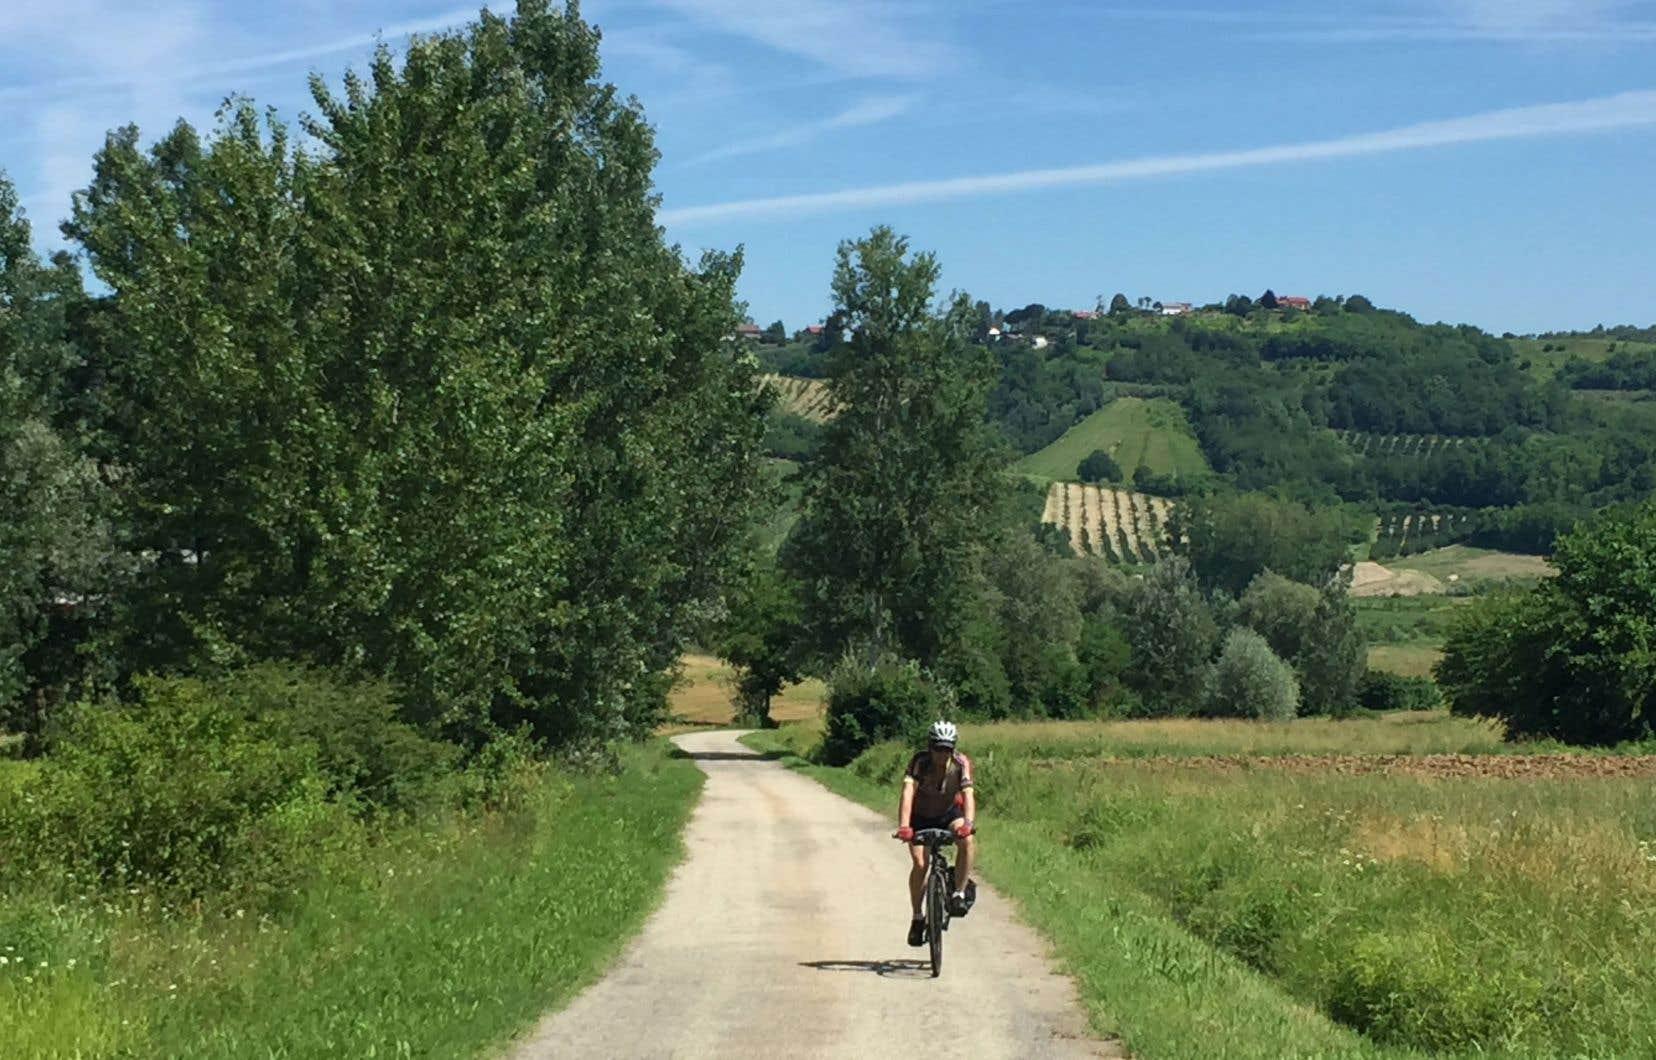 L'Italie est une terre de cyclisme. La ville d'Alessandria, que nous traverserons au cours du périple, a même consacré un musée à la bicyclette.